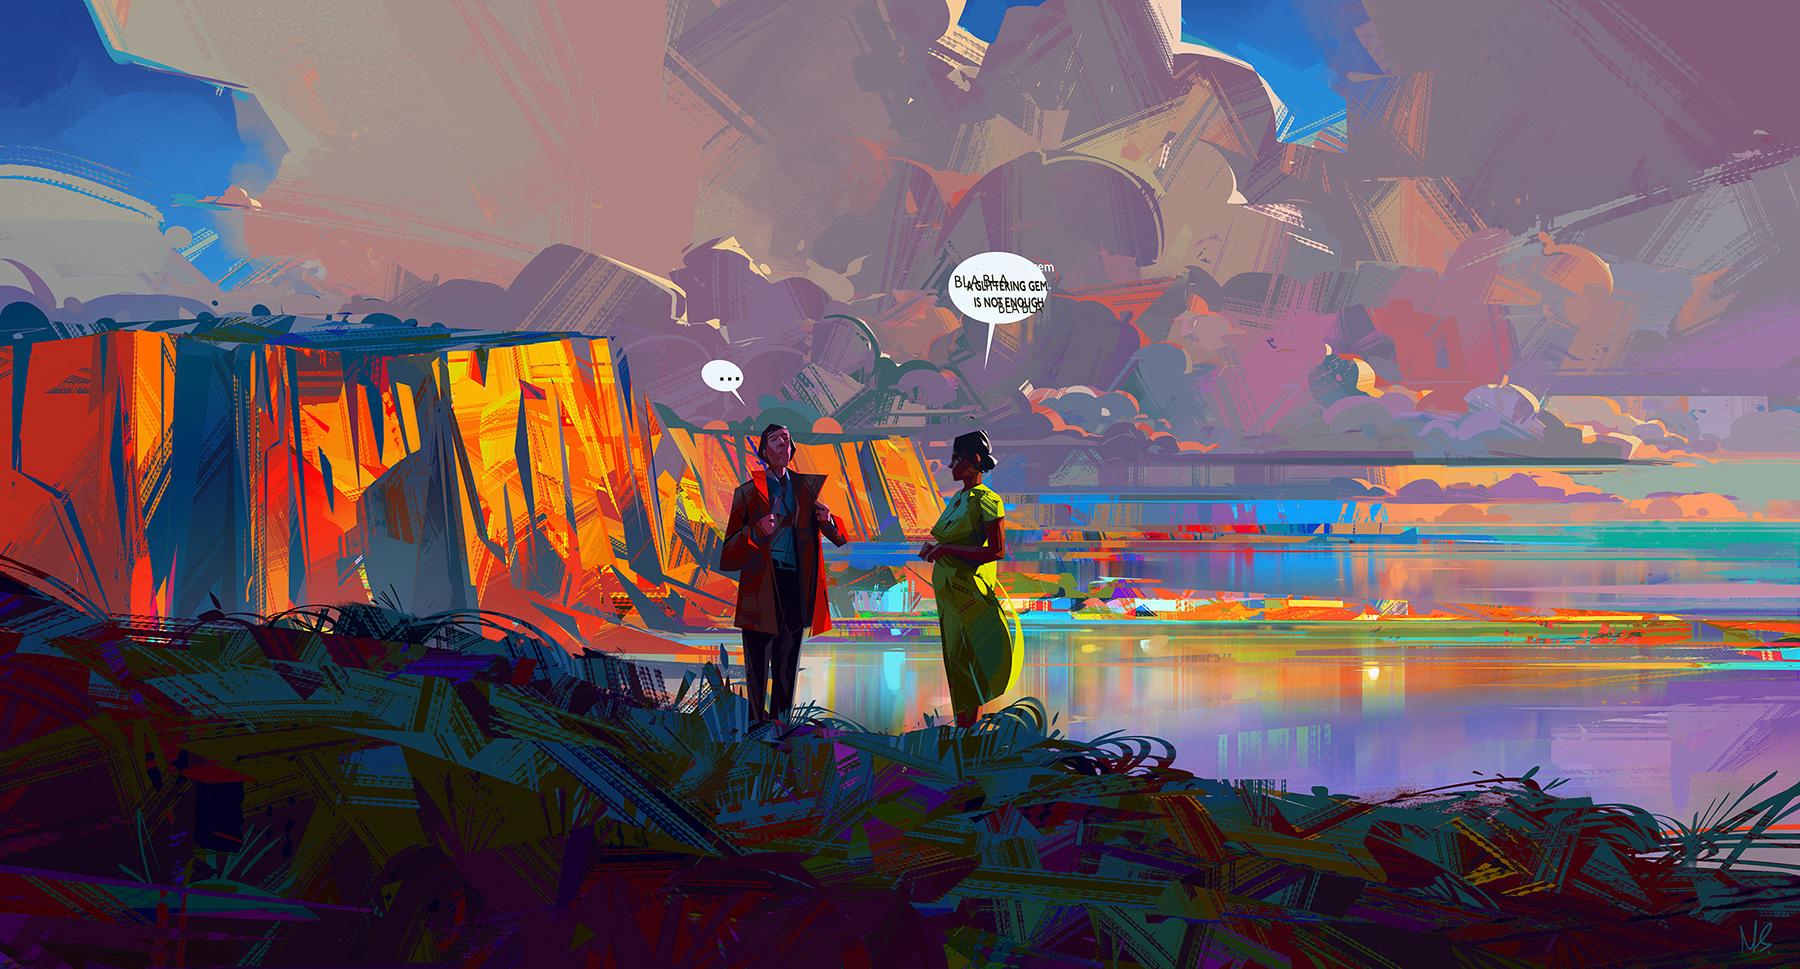 De kleurrijke en geometrische illustraties van Michal Sawtyru